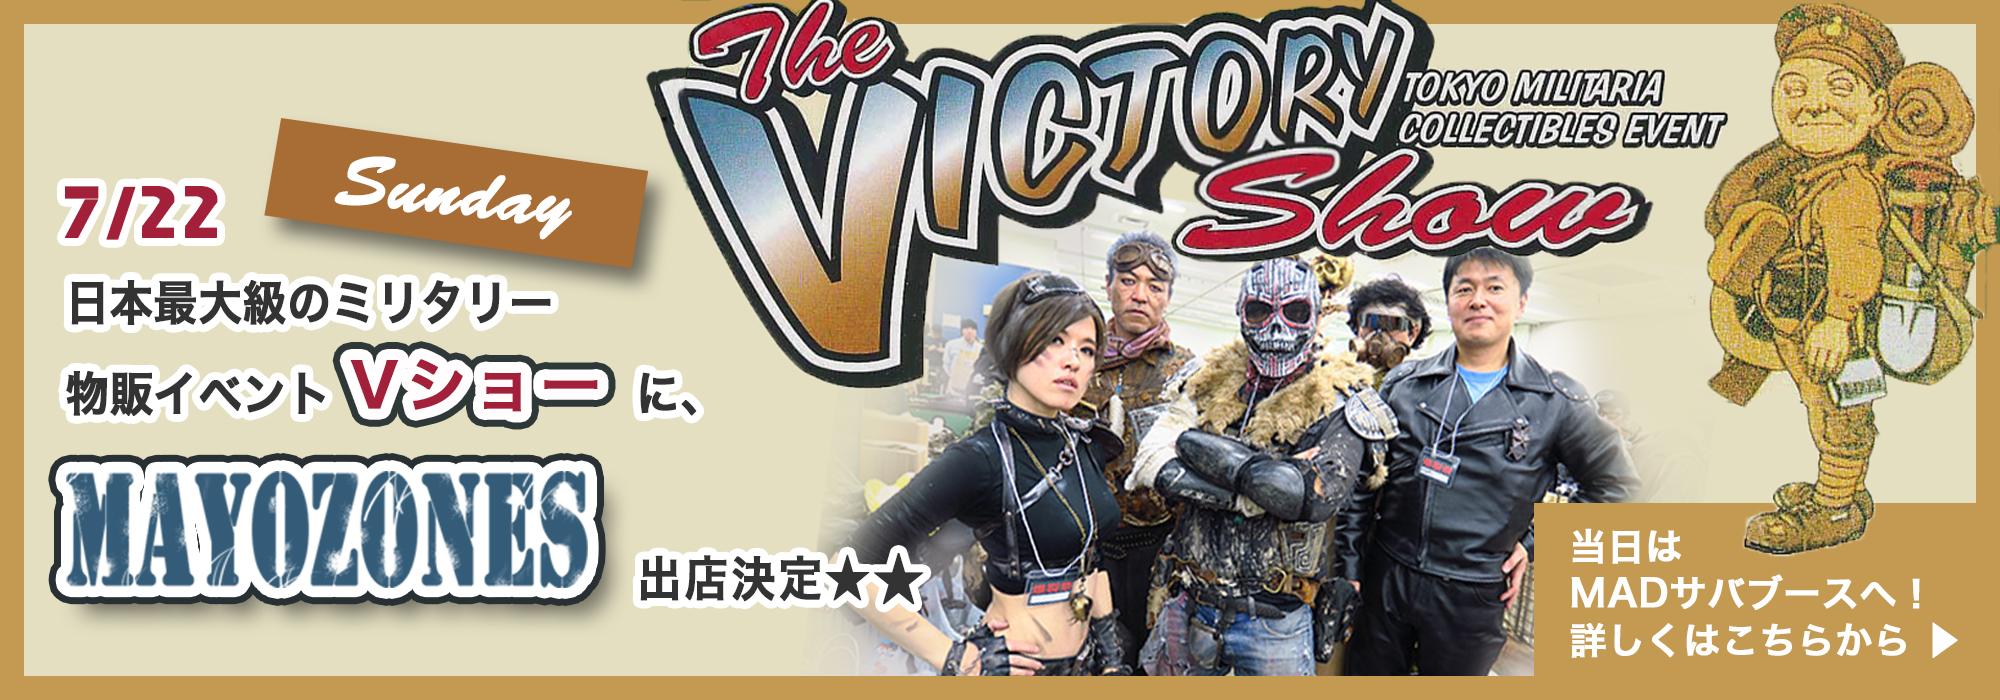 【出店情報】7/22(日) ミリタリー物販イベント Vショーに出店が決定しました!